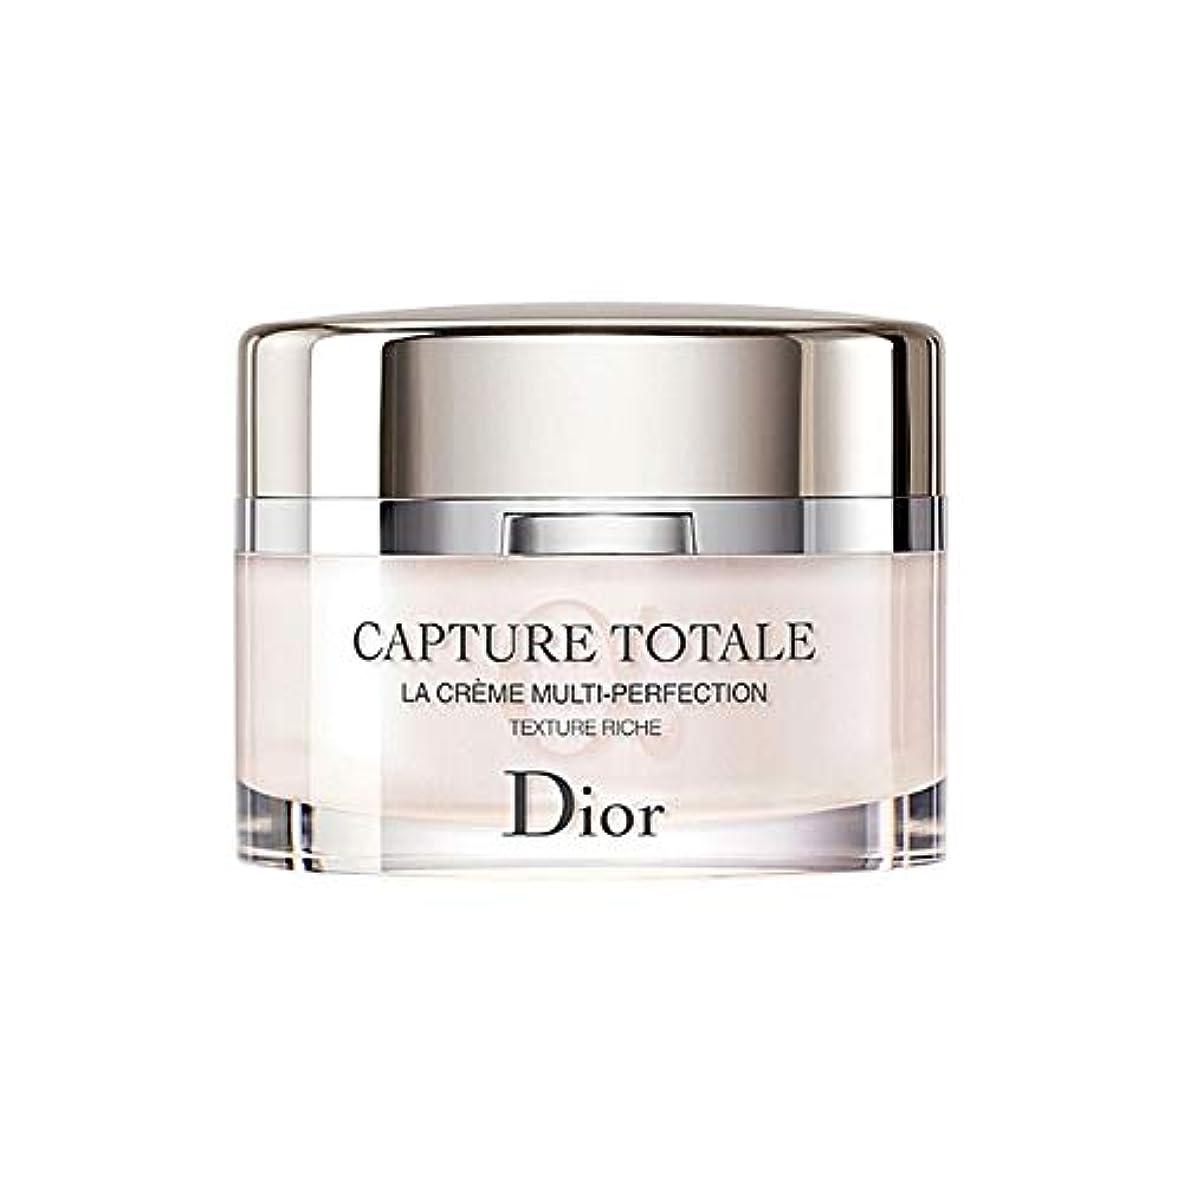 ヘロインその間ピアース[Dior] ディオールマルチパーフェクションクリーム豊富なテクスチャー - リフィル60ミリリットル - Dior Multi-Perfection Creme Rich Texture - The Refill 60ml [並行輸入品]